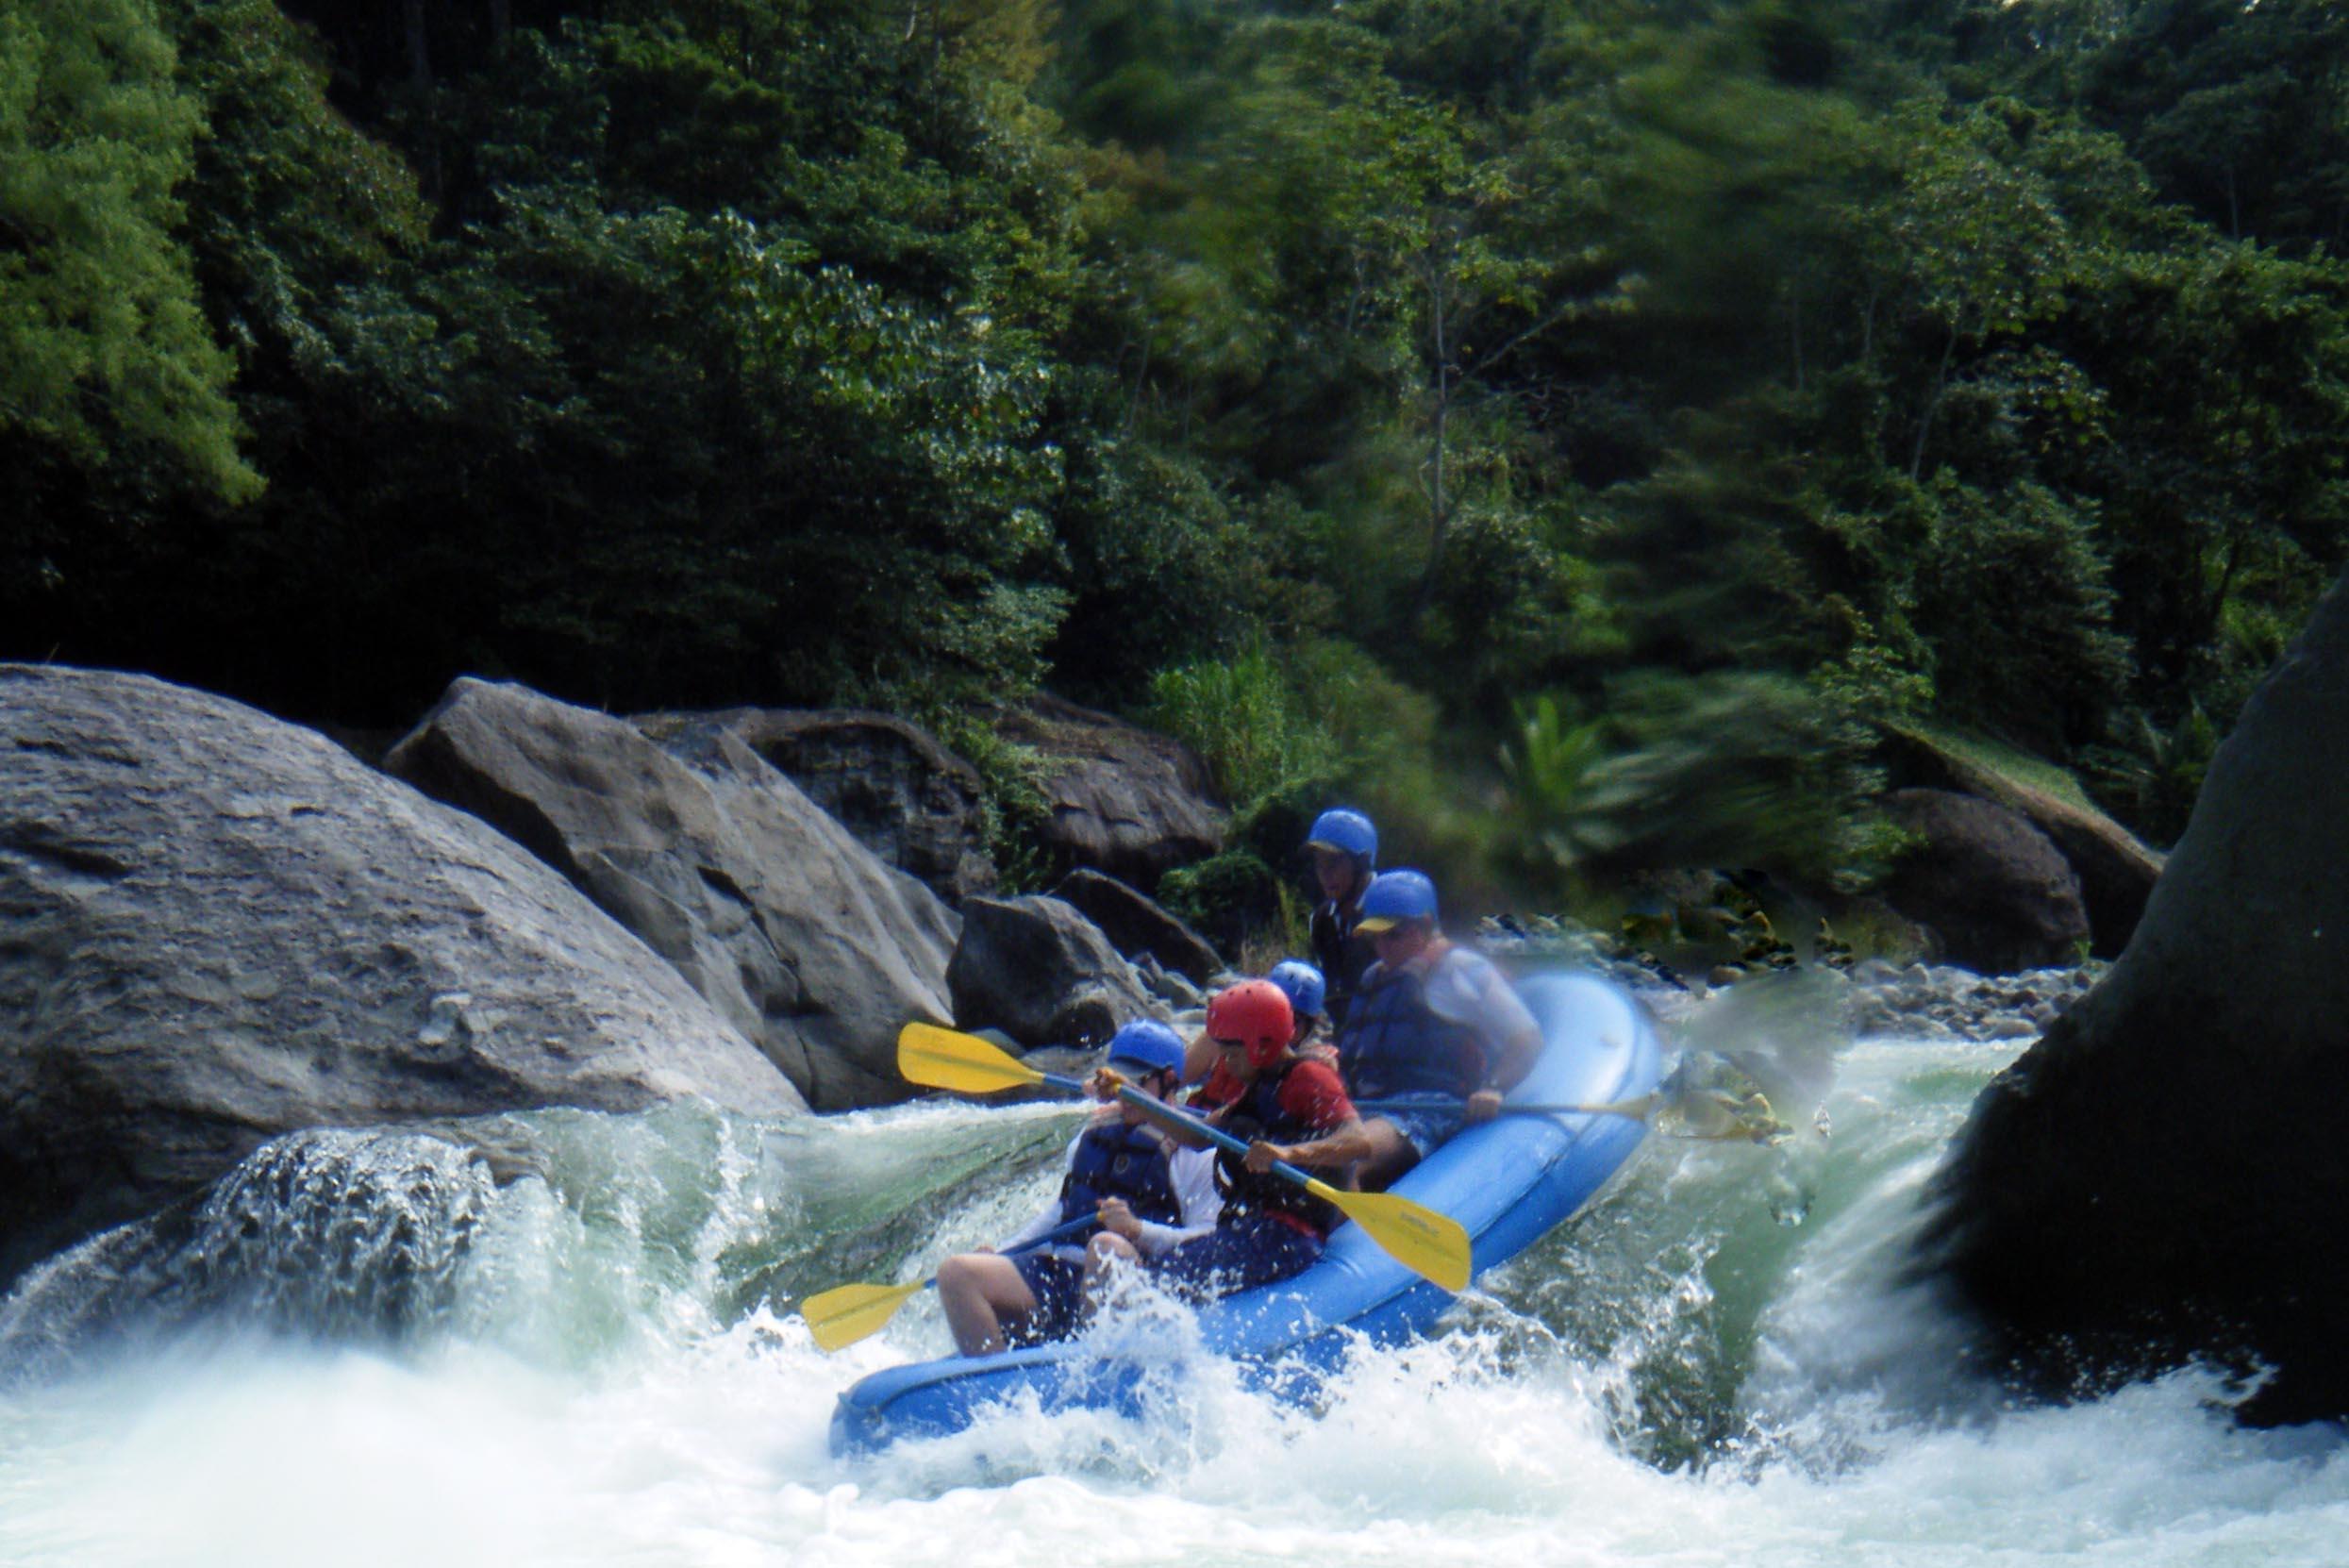 rafting 12-29-10.jpg